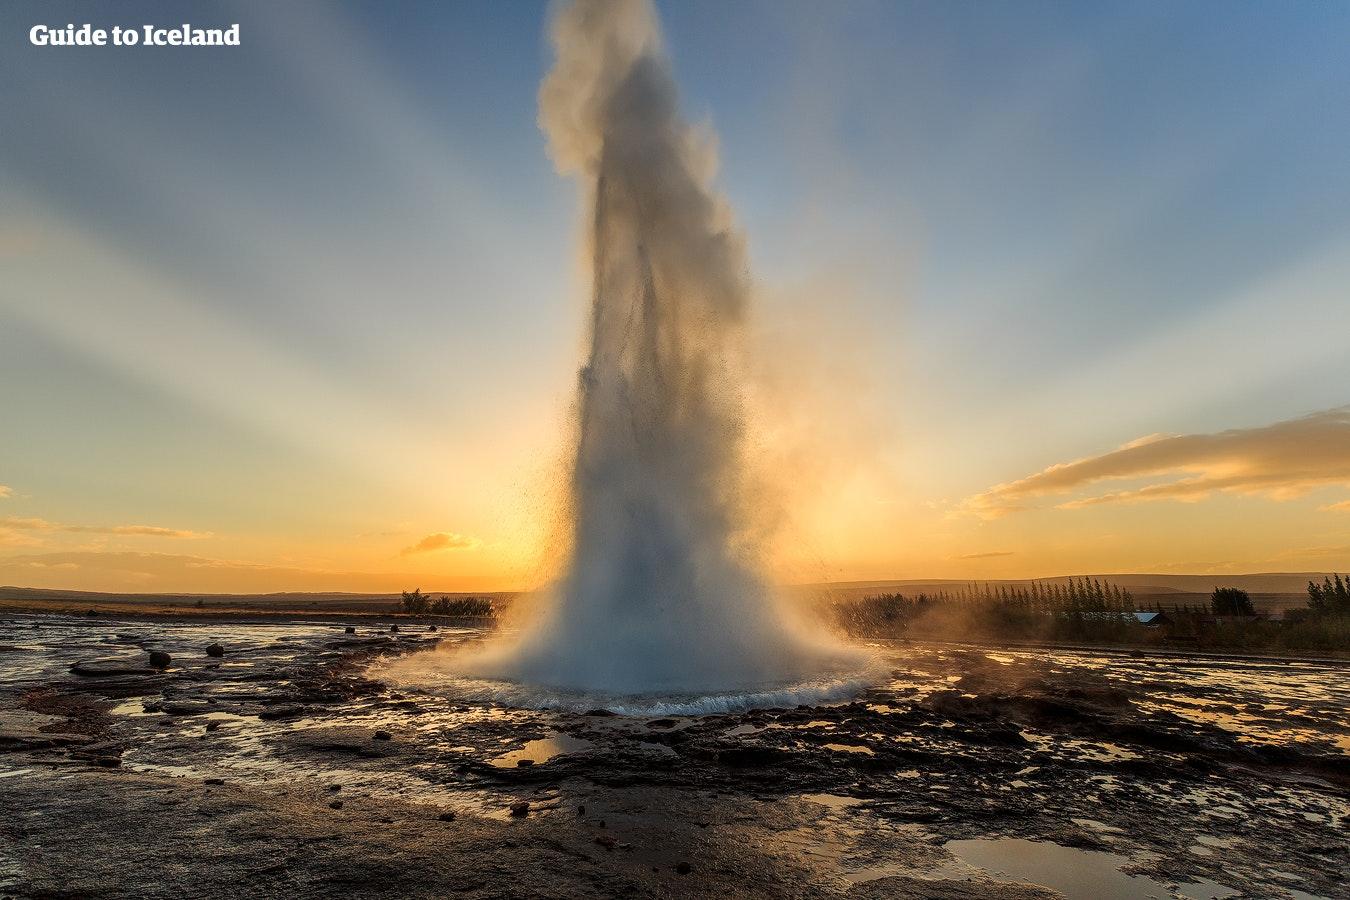 Строккур выбрасывает воду высоко в небо.